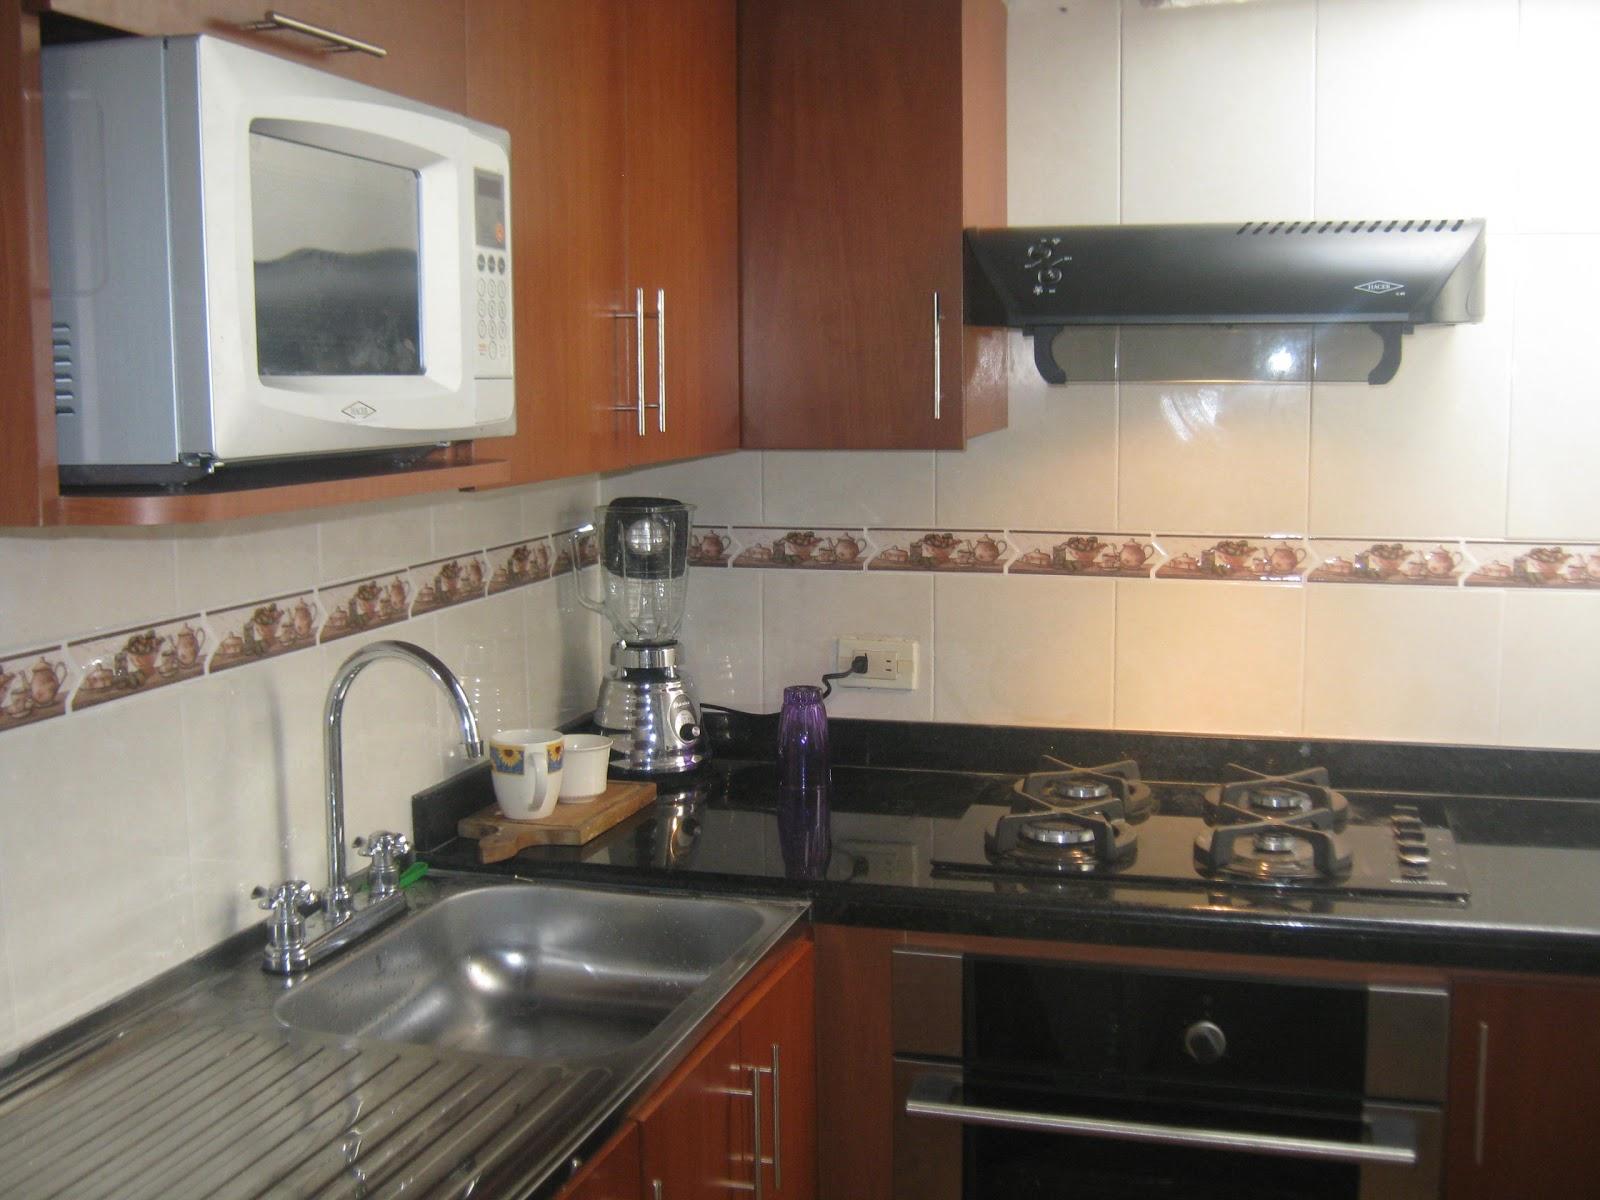 Dise os de cocinas integrales para espacios peque os for Diseno de cocinas integrales en espacios pequenos